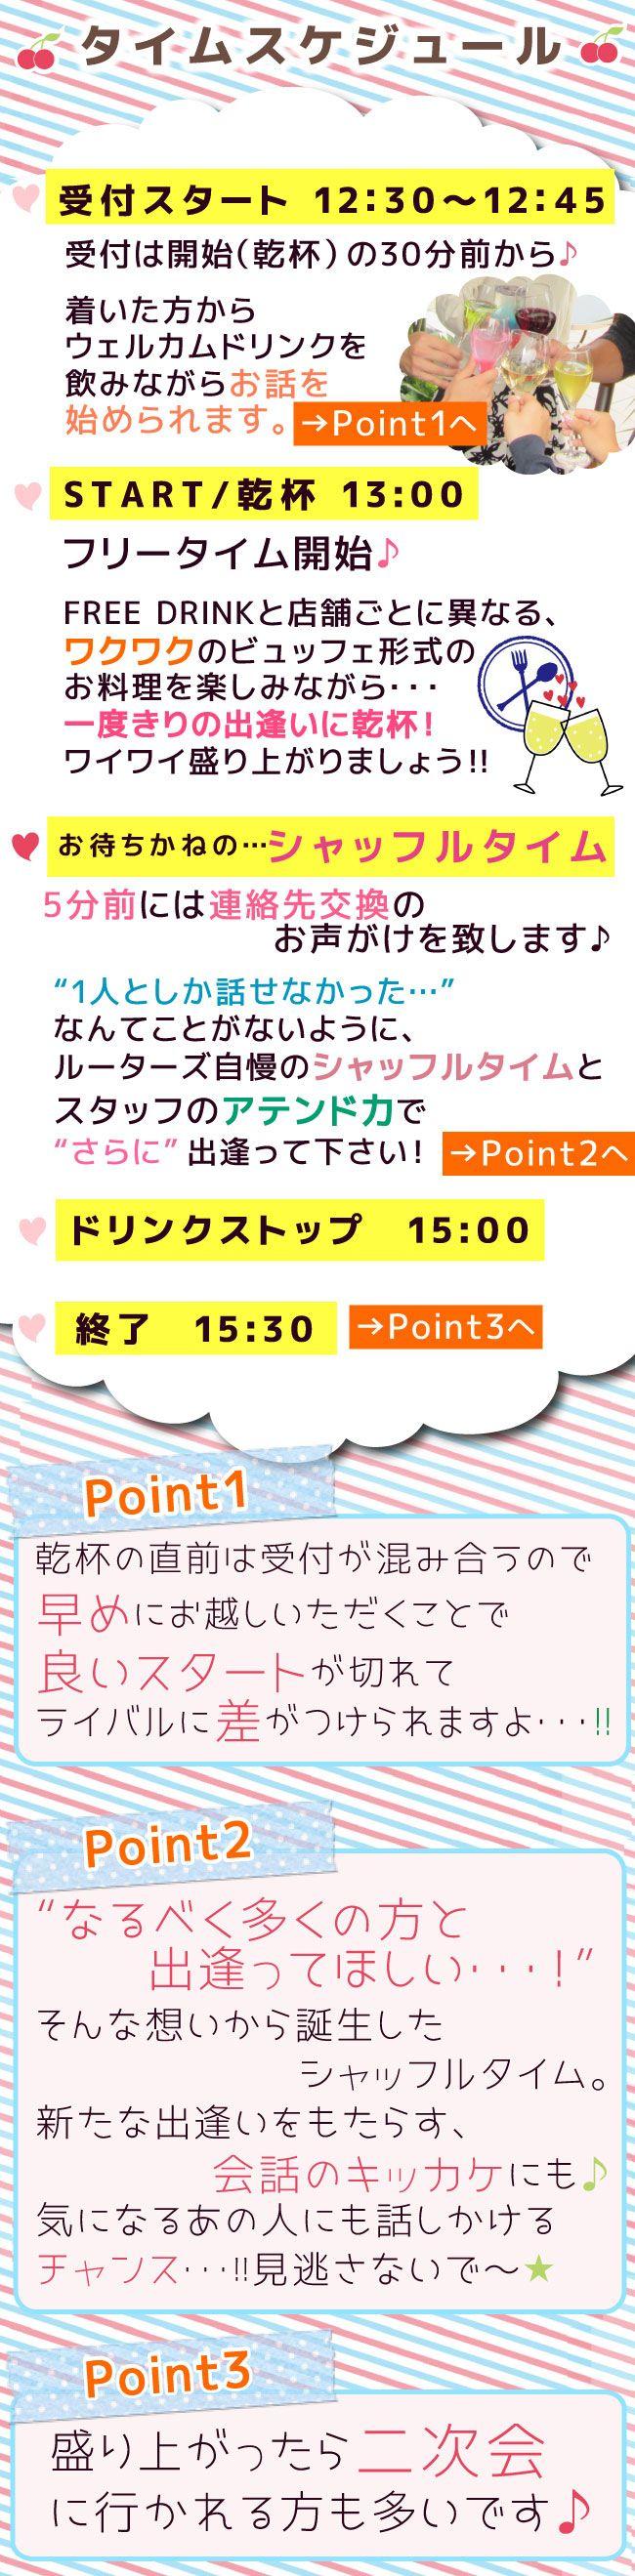 ☆他社1300-1530